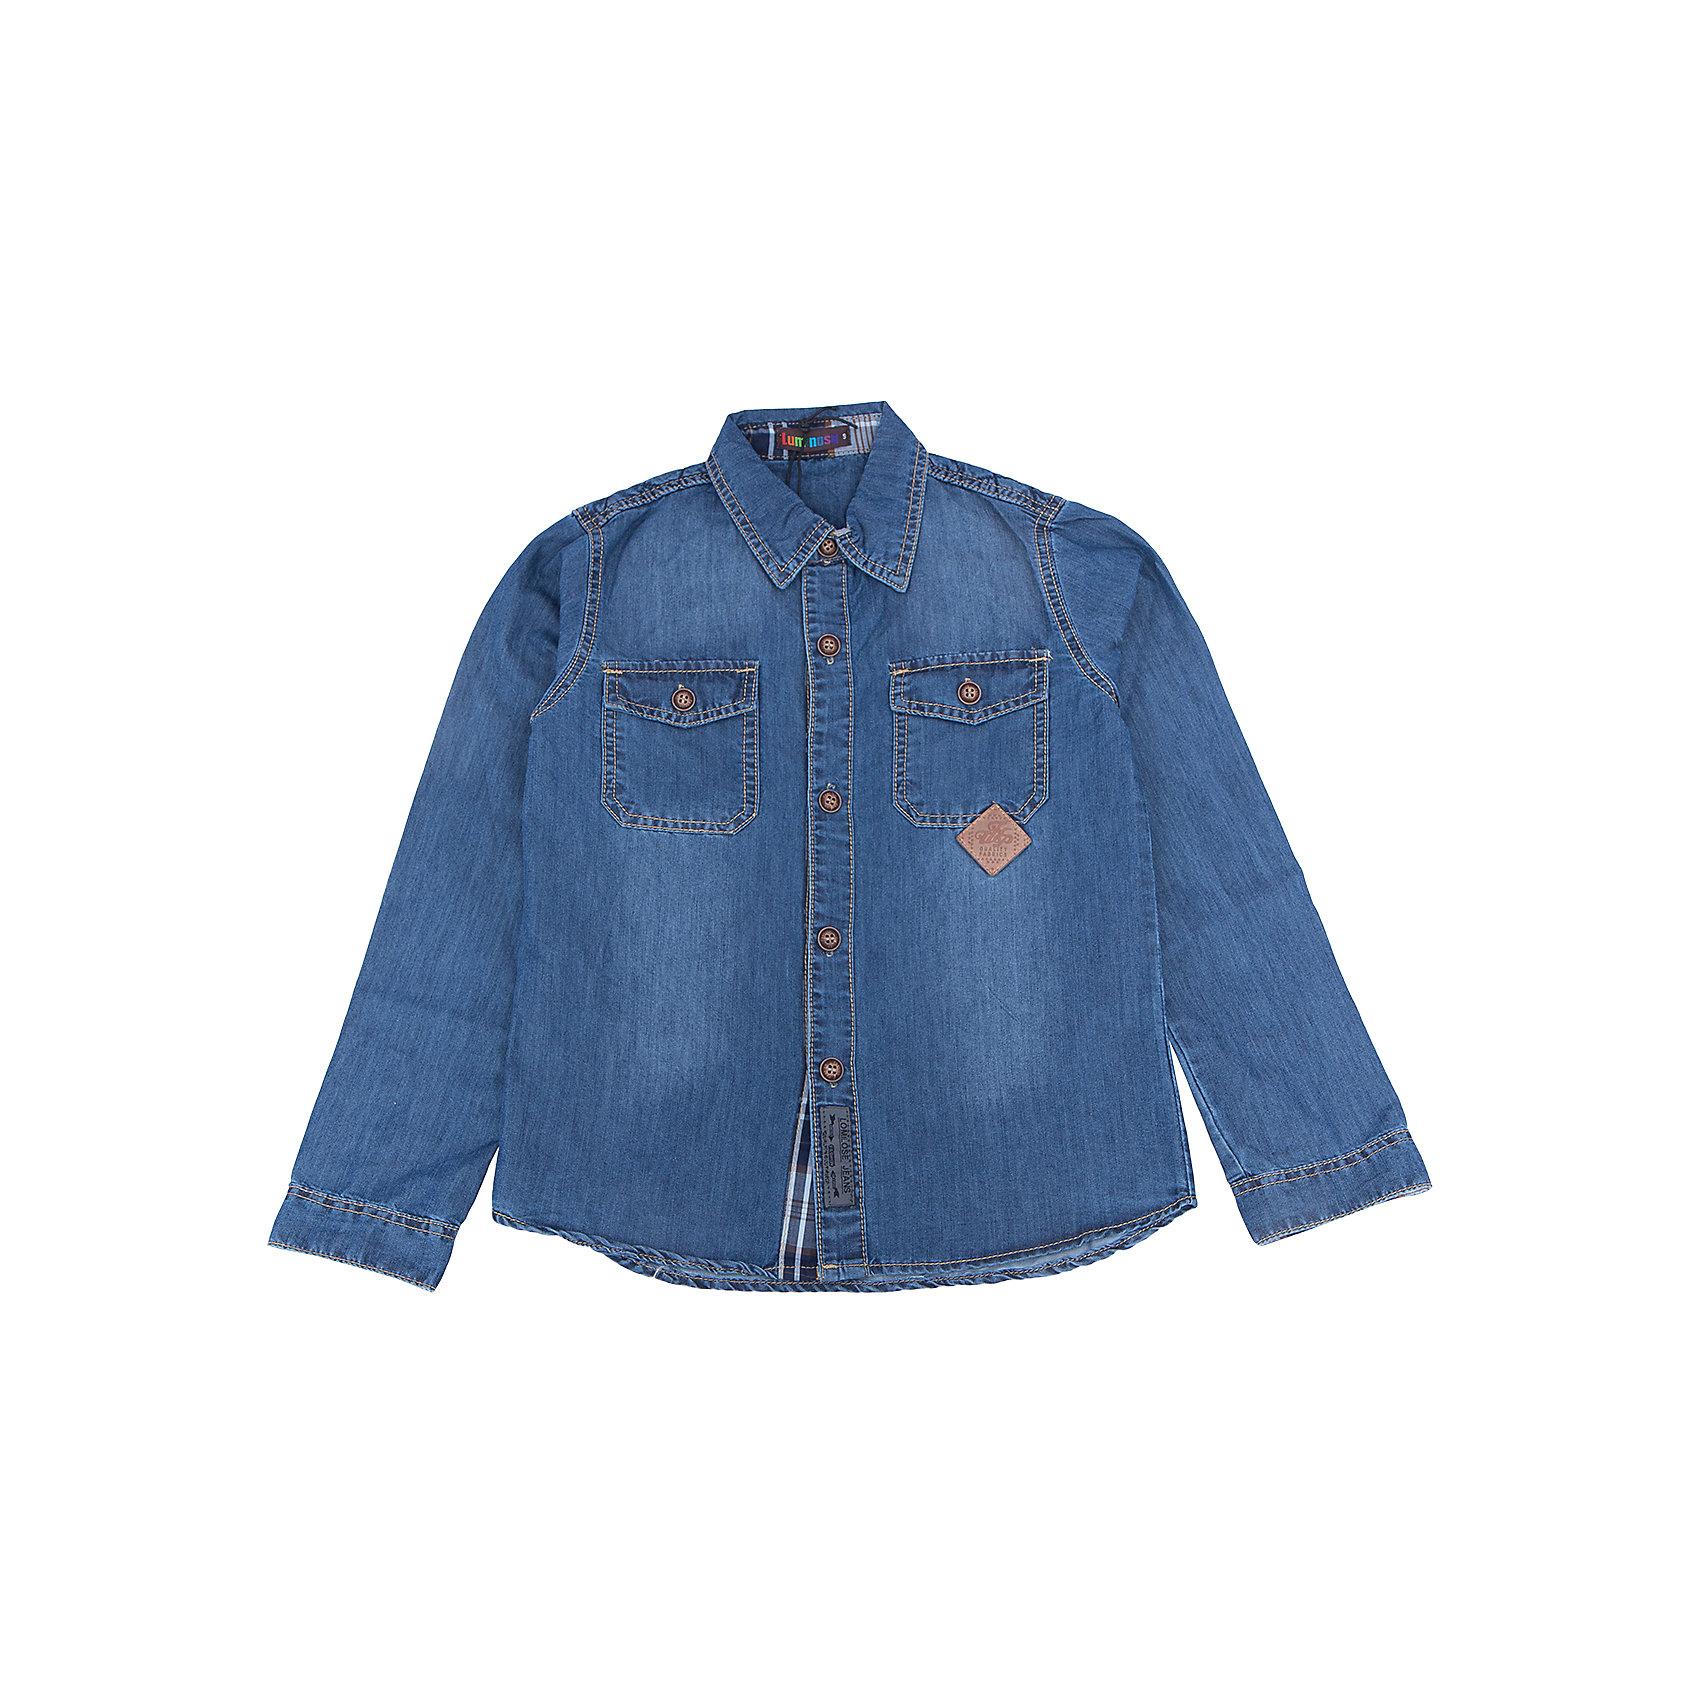 Рубашка джинсовая для мальчика LuminosoБлузки и рубашки<br>Характеристики товара:<br><br>- цвет: синий;<br>- материал: 100% хлопок;<br>- карман;<br>- длинный рукав;<br>- декорирована констрастной отстрочкой и шевроном.<br><br>Стильная одежда от бренда Luminoso (Люминосо), созданная при участии итальянских дизайнеров, учитывает потребности подростков и последние веяния моды. Она удобная и модная.<br>Эта хлопковая рубашка выглядит стильно и нарядно, но при этом подходит для ежедневного ношения. Он хорошо сидит на ребенке, обеспечивает комфорт и отлично сочетается с одежной разных стилей. Модель отличается высоким качеством материала и продуманным дизайном. Натуральный хлопок в составе изделия делает его дышащим, приятным на ощупь и гипоаллергеным.<br><br>Рубашку для мальчикаот бренда Luminoso (Люминосо) можно купить в нашем интернет-магазине.<br><br>Ширина мм: 174<br>Глубина мм: 10<br>Высота мм: 169<br>Вес г: 157<br>Цвет: синий<br>Возраст от месяцев: 156<br>Возраст до месяцев: 168<br>Пол: Мужской<br>Возраст: Детский<br>Размер: 164,134,140,146,152,158<br>SKU: 4930963